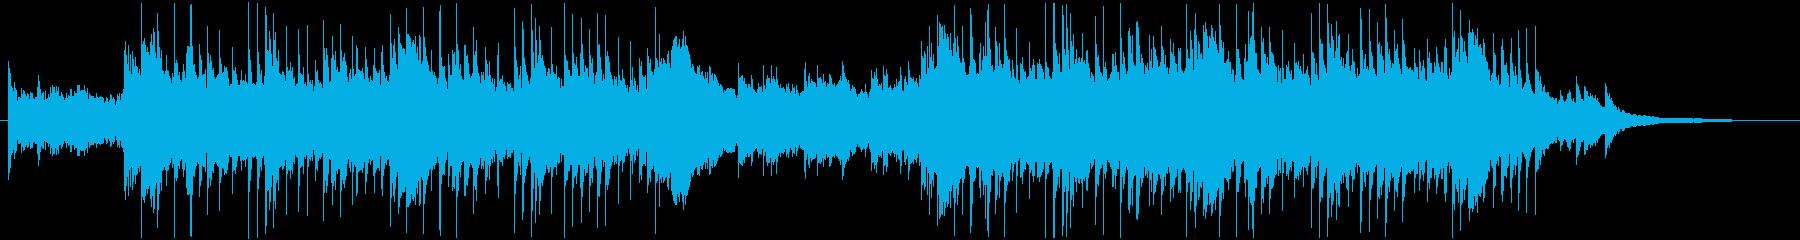 琴と和太鼓の壮大でメロディアスな和風曲の再生済みの波形